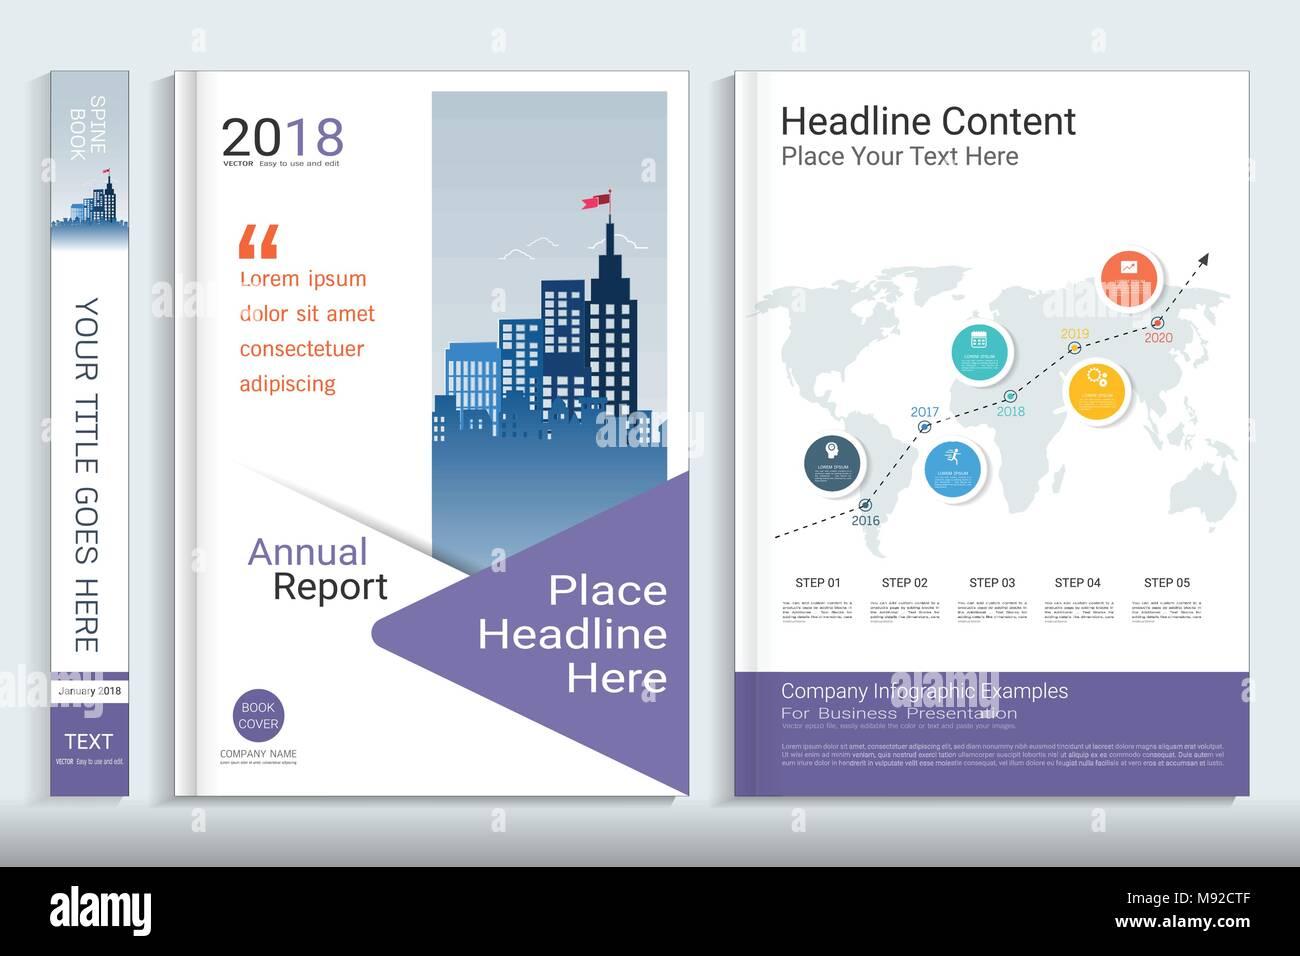 Company Profile Template Cover Design Stock Photos & Company Profile ...